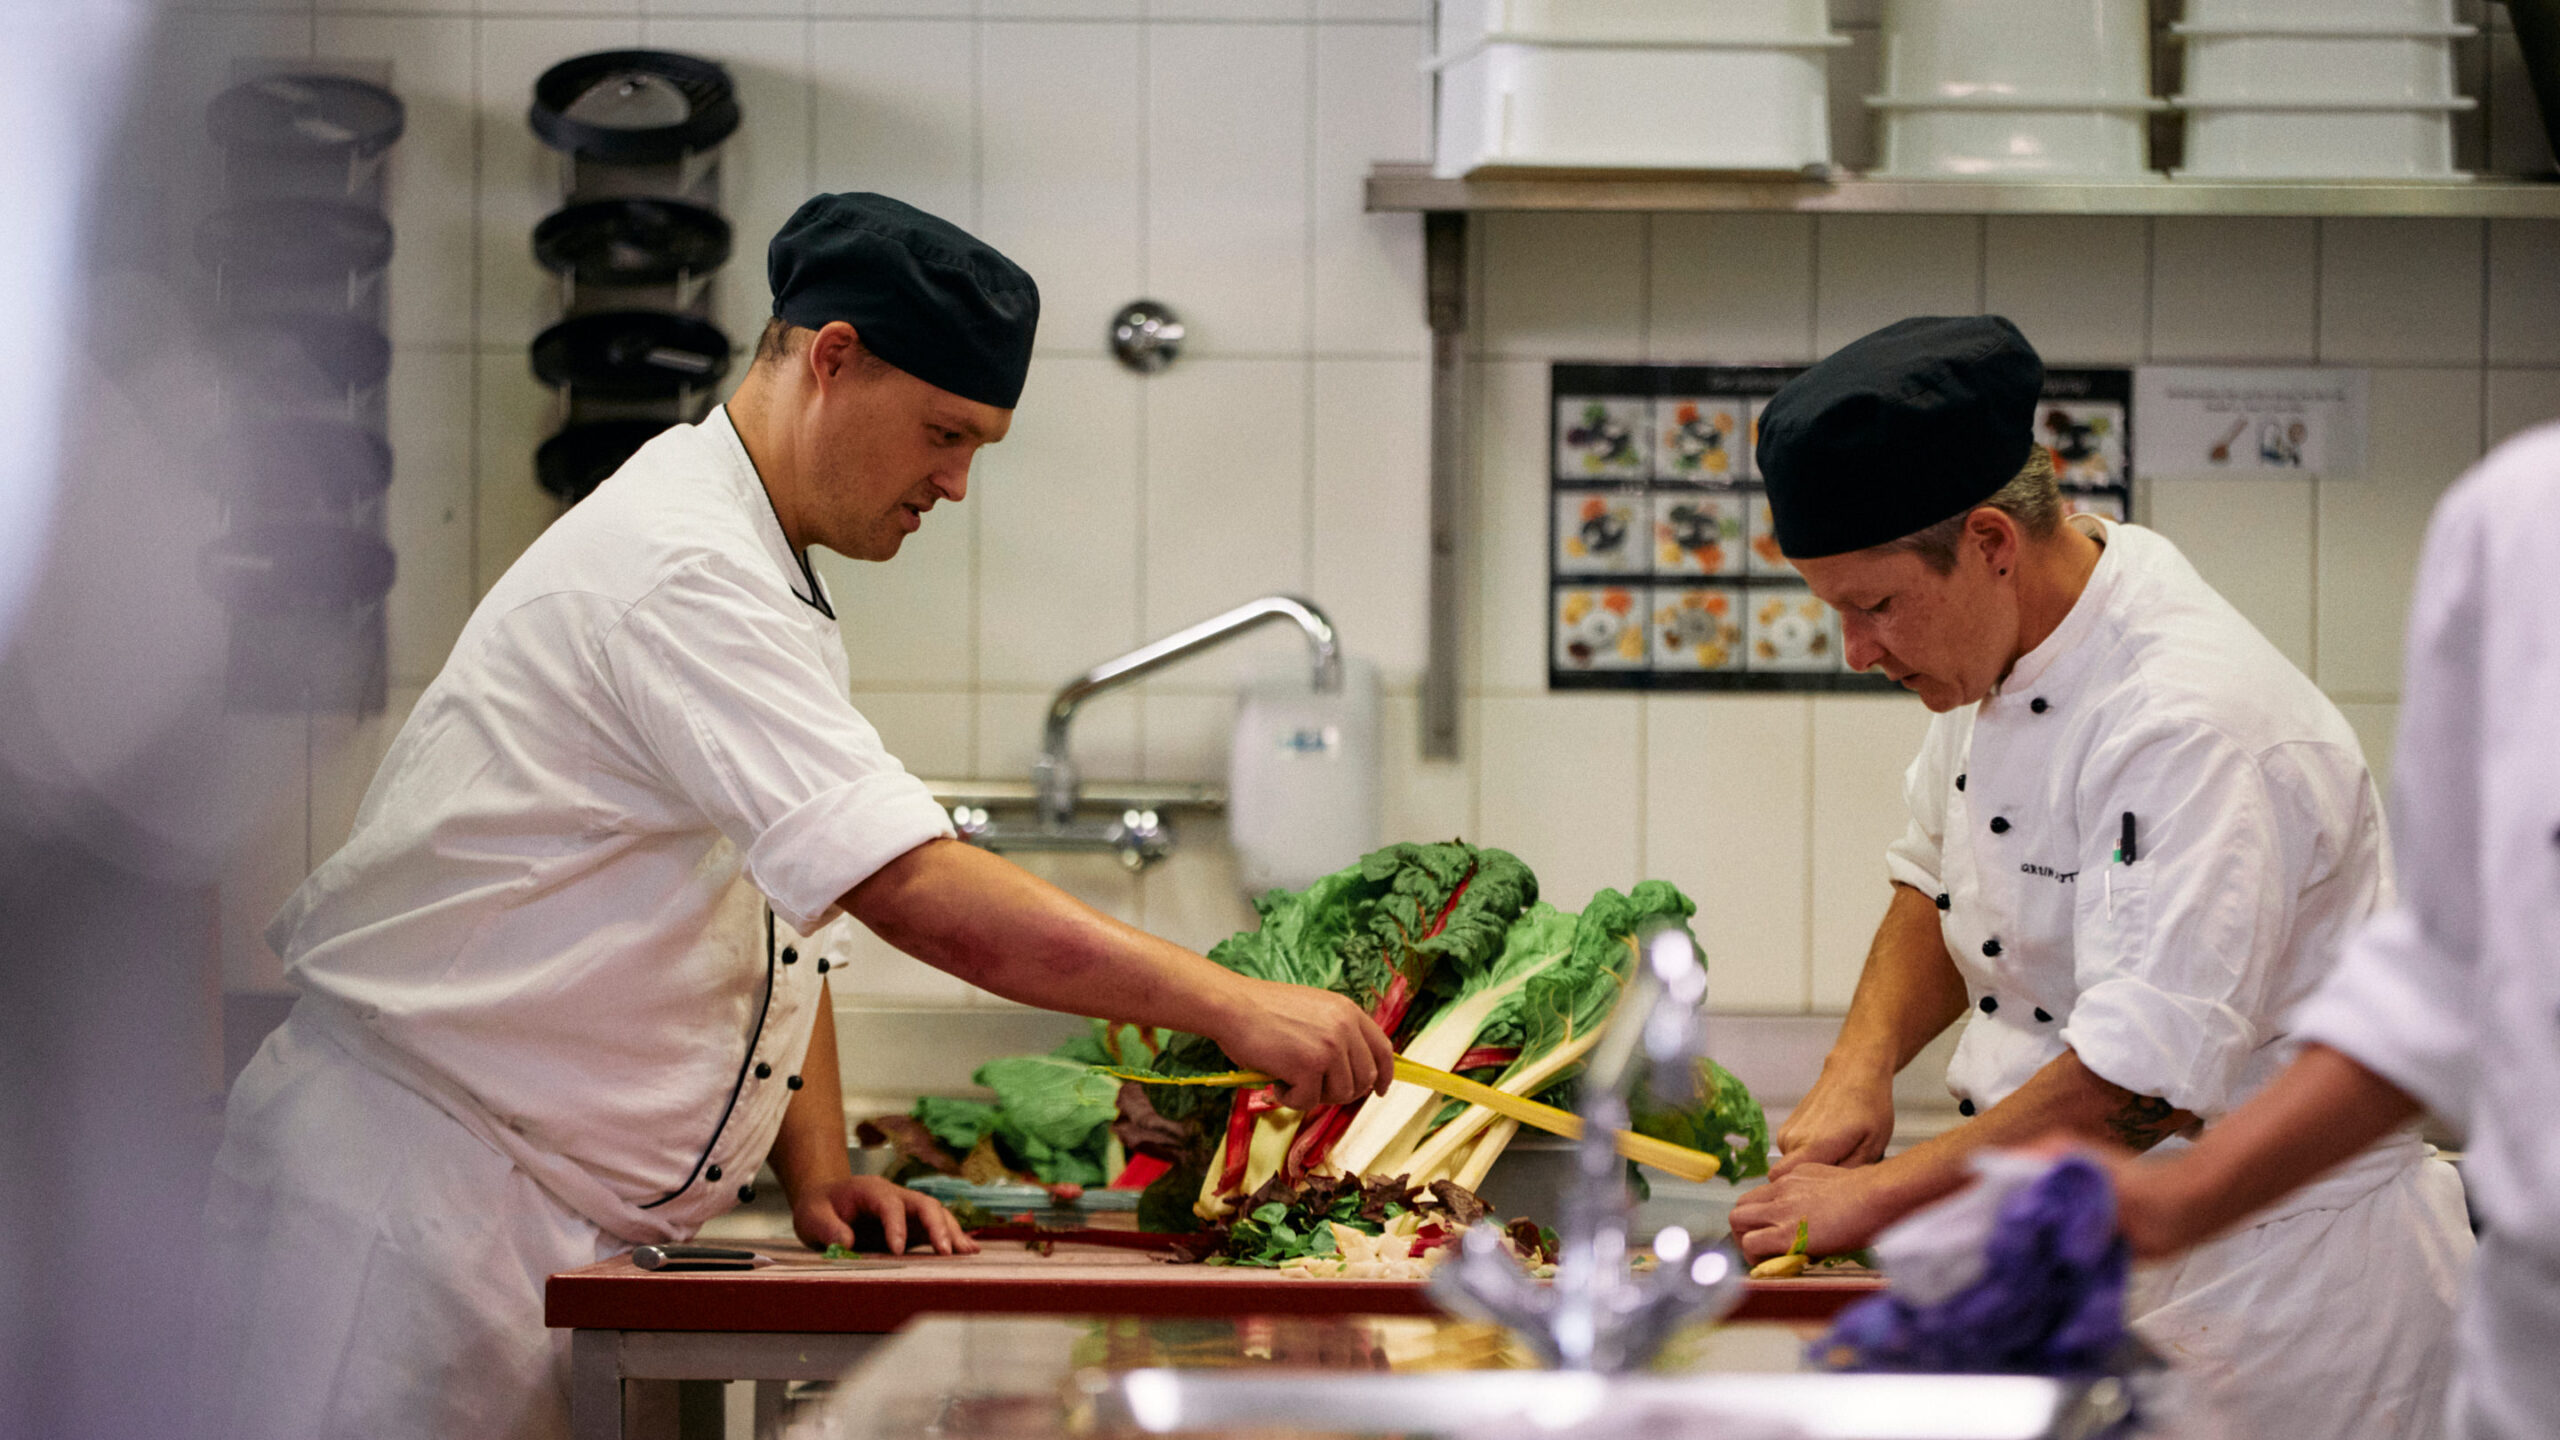 Mitarbeiter der Martin Stiftung macht eine PRA - praktische Ausbildung - in der Küche und rüstet zusammen mit Fachperson Gemüse vom eigenen Biohof.